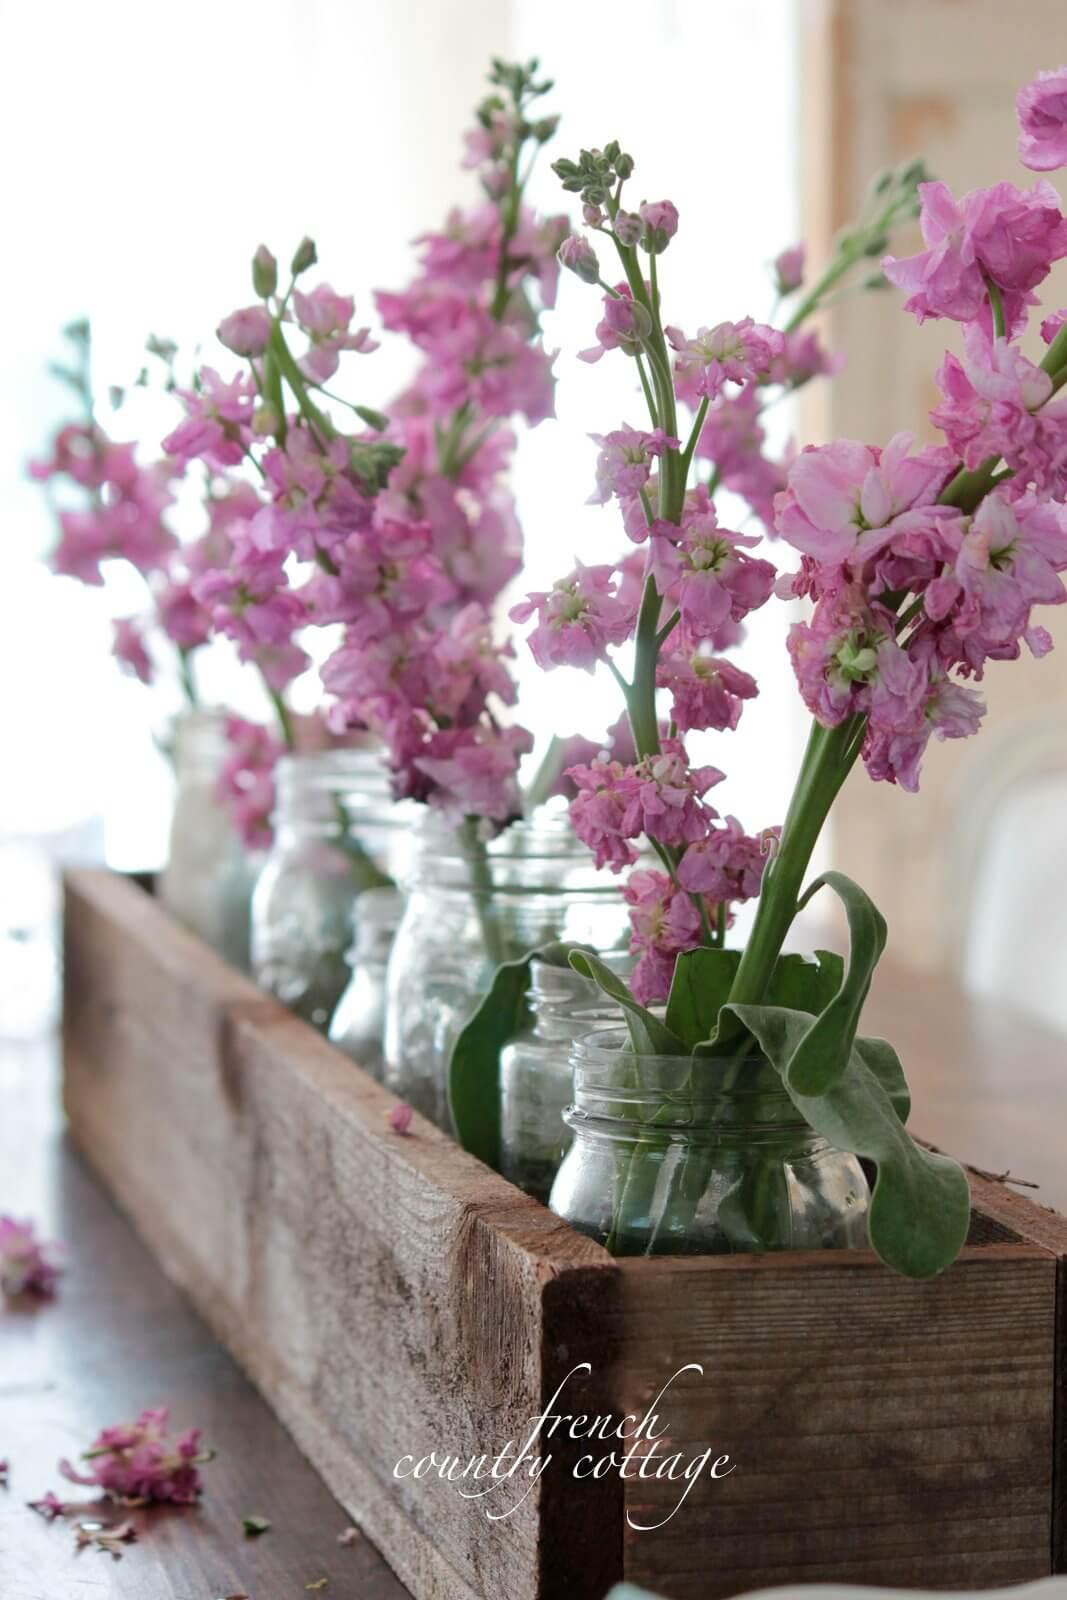 Une pièce maîtresse florale pour une touche de printemps